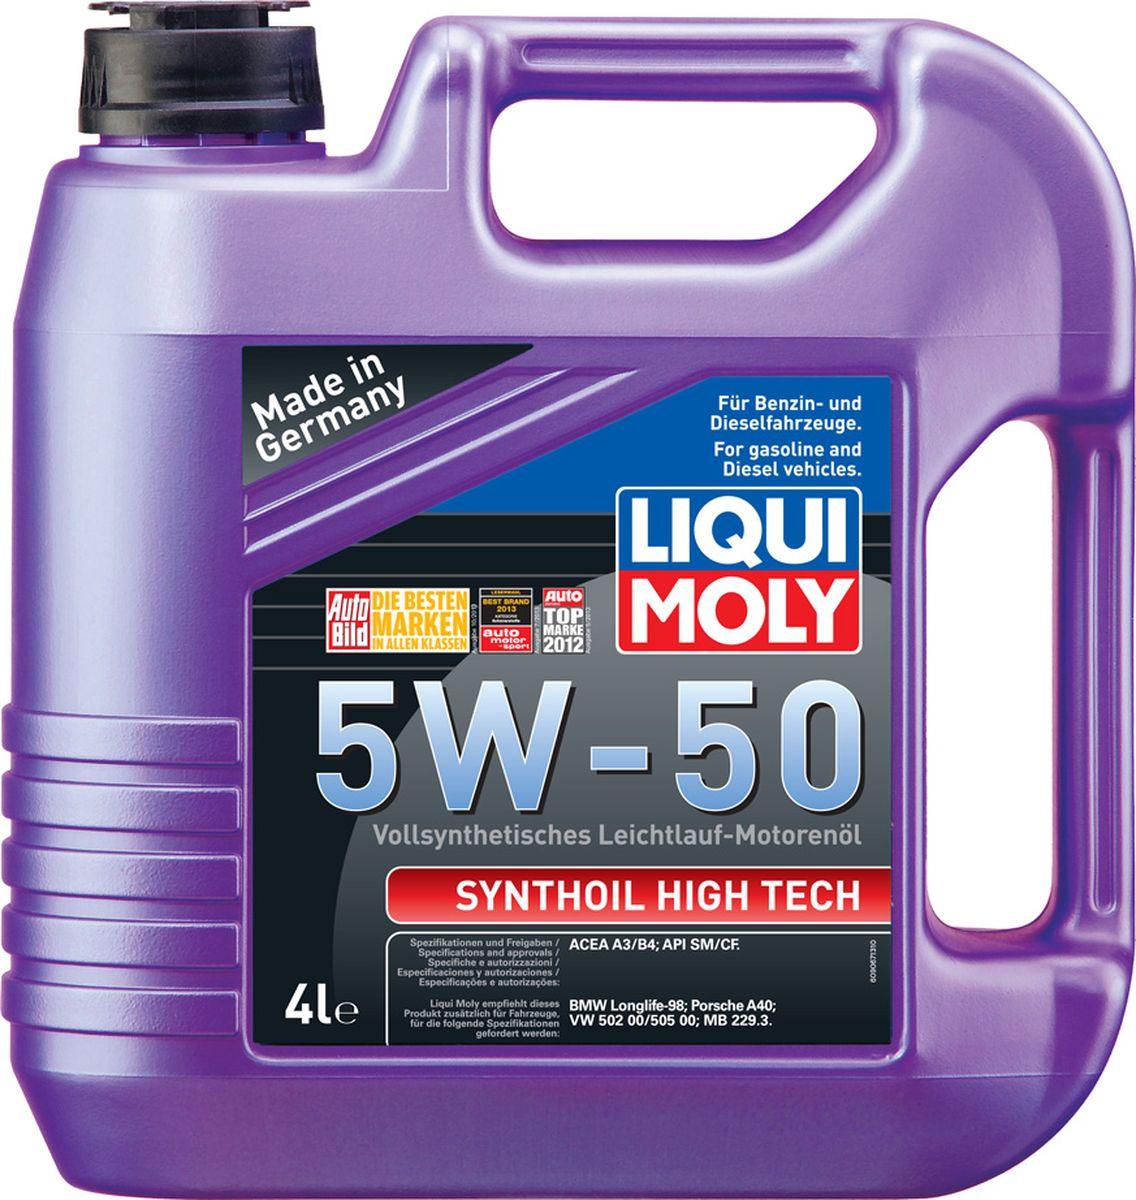 Масло моторное Liqui Moly Synthoil High Tech, синтетическое, 5W-50, 4 л9067Масло моторное Liqui Moly Synthoil High Tech - 100% синтетическое универсальное моторное масло на базе полиальфаолефинов (ПАО) для большинства автомобилей, для которых требования к маслам опираются на международные классификации API и ACEA. В сочетании с вязкостью 5W-50 моторное масло обеспечивает надежную защиту двигателя в нагруженном высокотемпературном режиме: в жарких условиях, пробках, при агрессивном стиле вождения. Использование современных, полностью синтетических базовых масел (ПАО) и передовых технологий в области разработок присадок гарантирует низкую вязкость масла при низких температурах, высокую надежность масляной пленки. Моторные масла линейки Synthoil предотвращают образование отложений в двигателе, снижают трение и надежно защищают от износа. Особенности: - Очень высокая стабильность к повышенным эксплуатационным температурам- Очень низкий расход масла- Быстрое поступление масла ко всем деталям двигателя при низких температурах- Высокая смазывающая способность- Замечательная термоокислительная стабильность и устойчивость к старению- Оптимальная чистота двигателя- Протестировано и совместимо с катализаторами и турбонаддувомДопуск: -API: CF/SM-ACEA: A3/B4